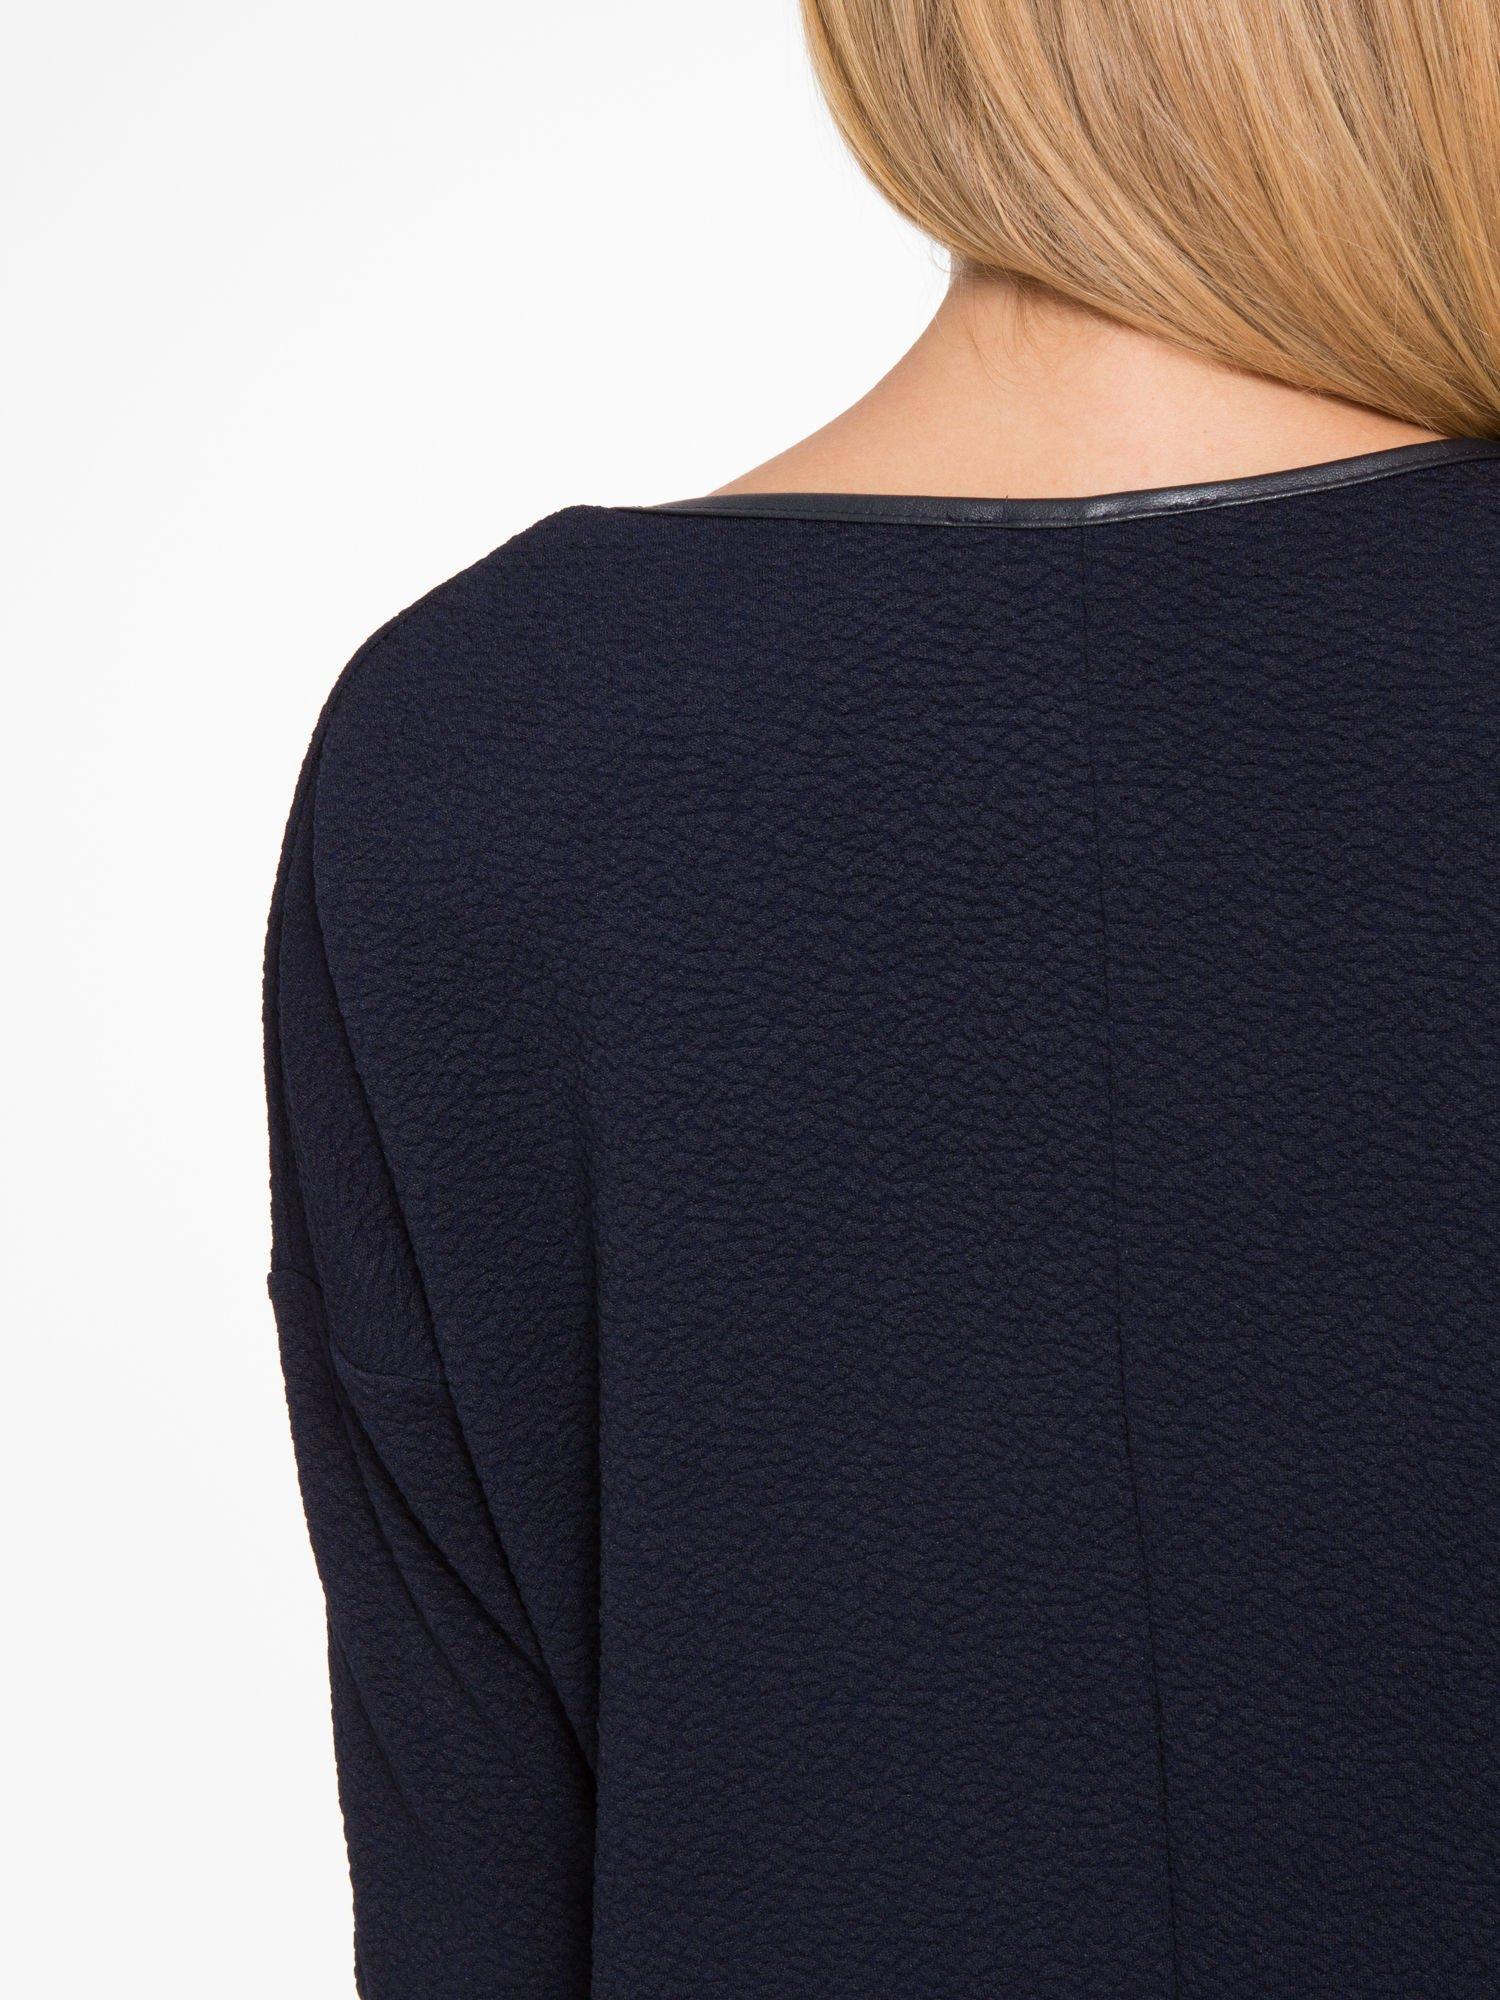 Granatowa fakturowana prosta sukienka ze wstawkami ze skóry                                  zdj.                                  10